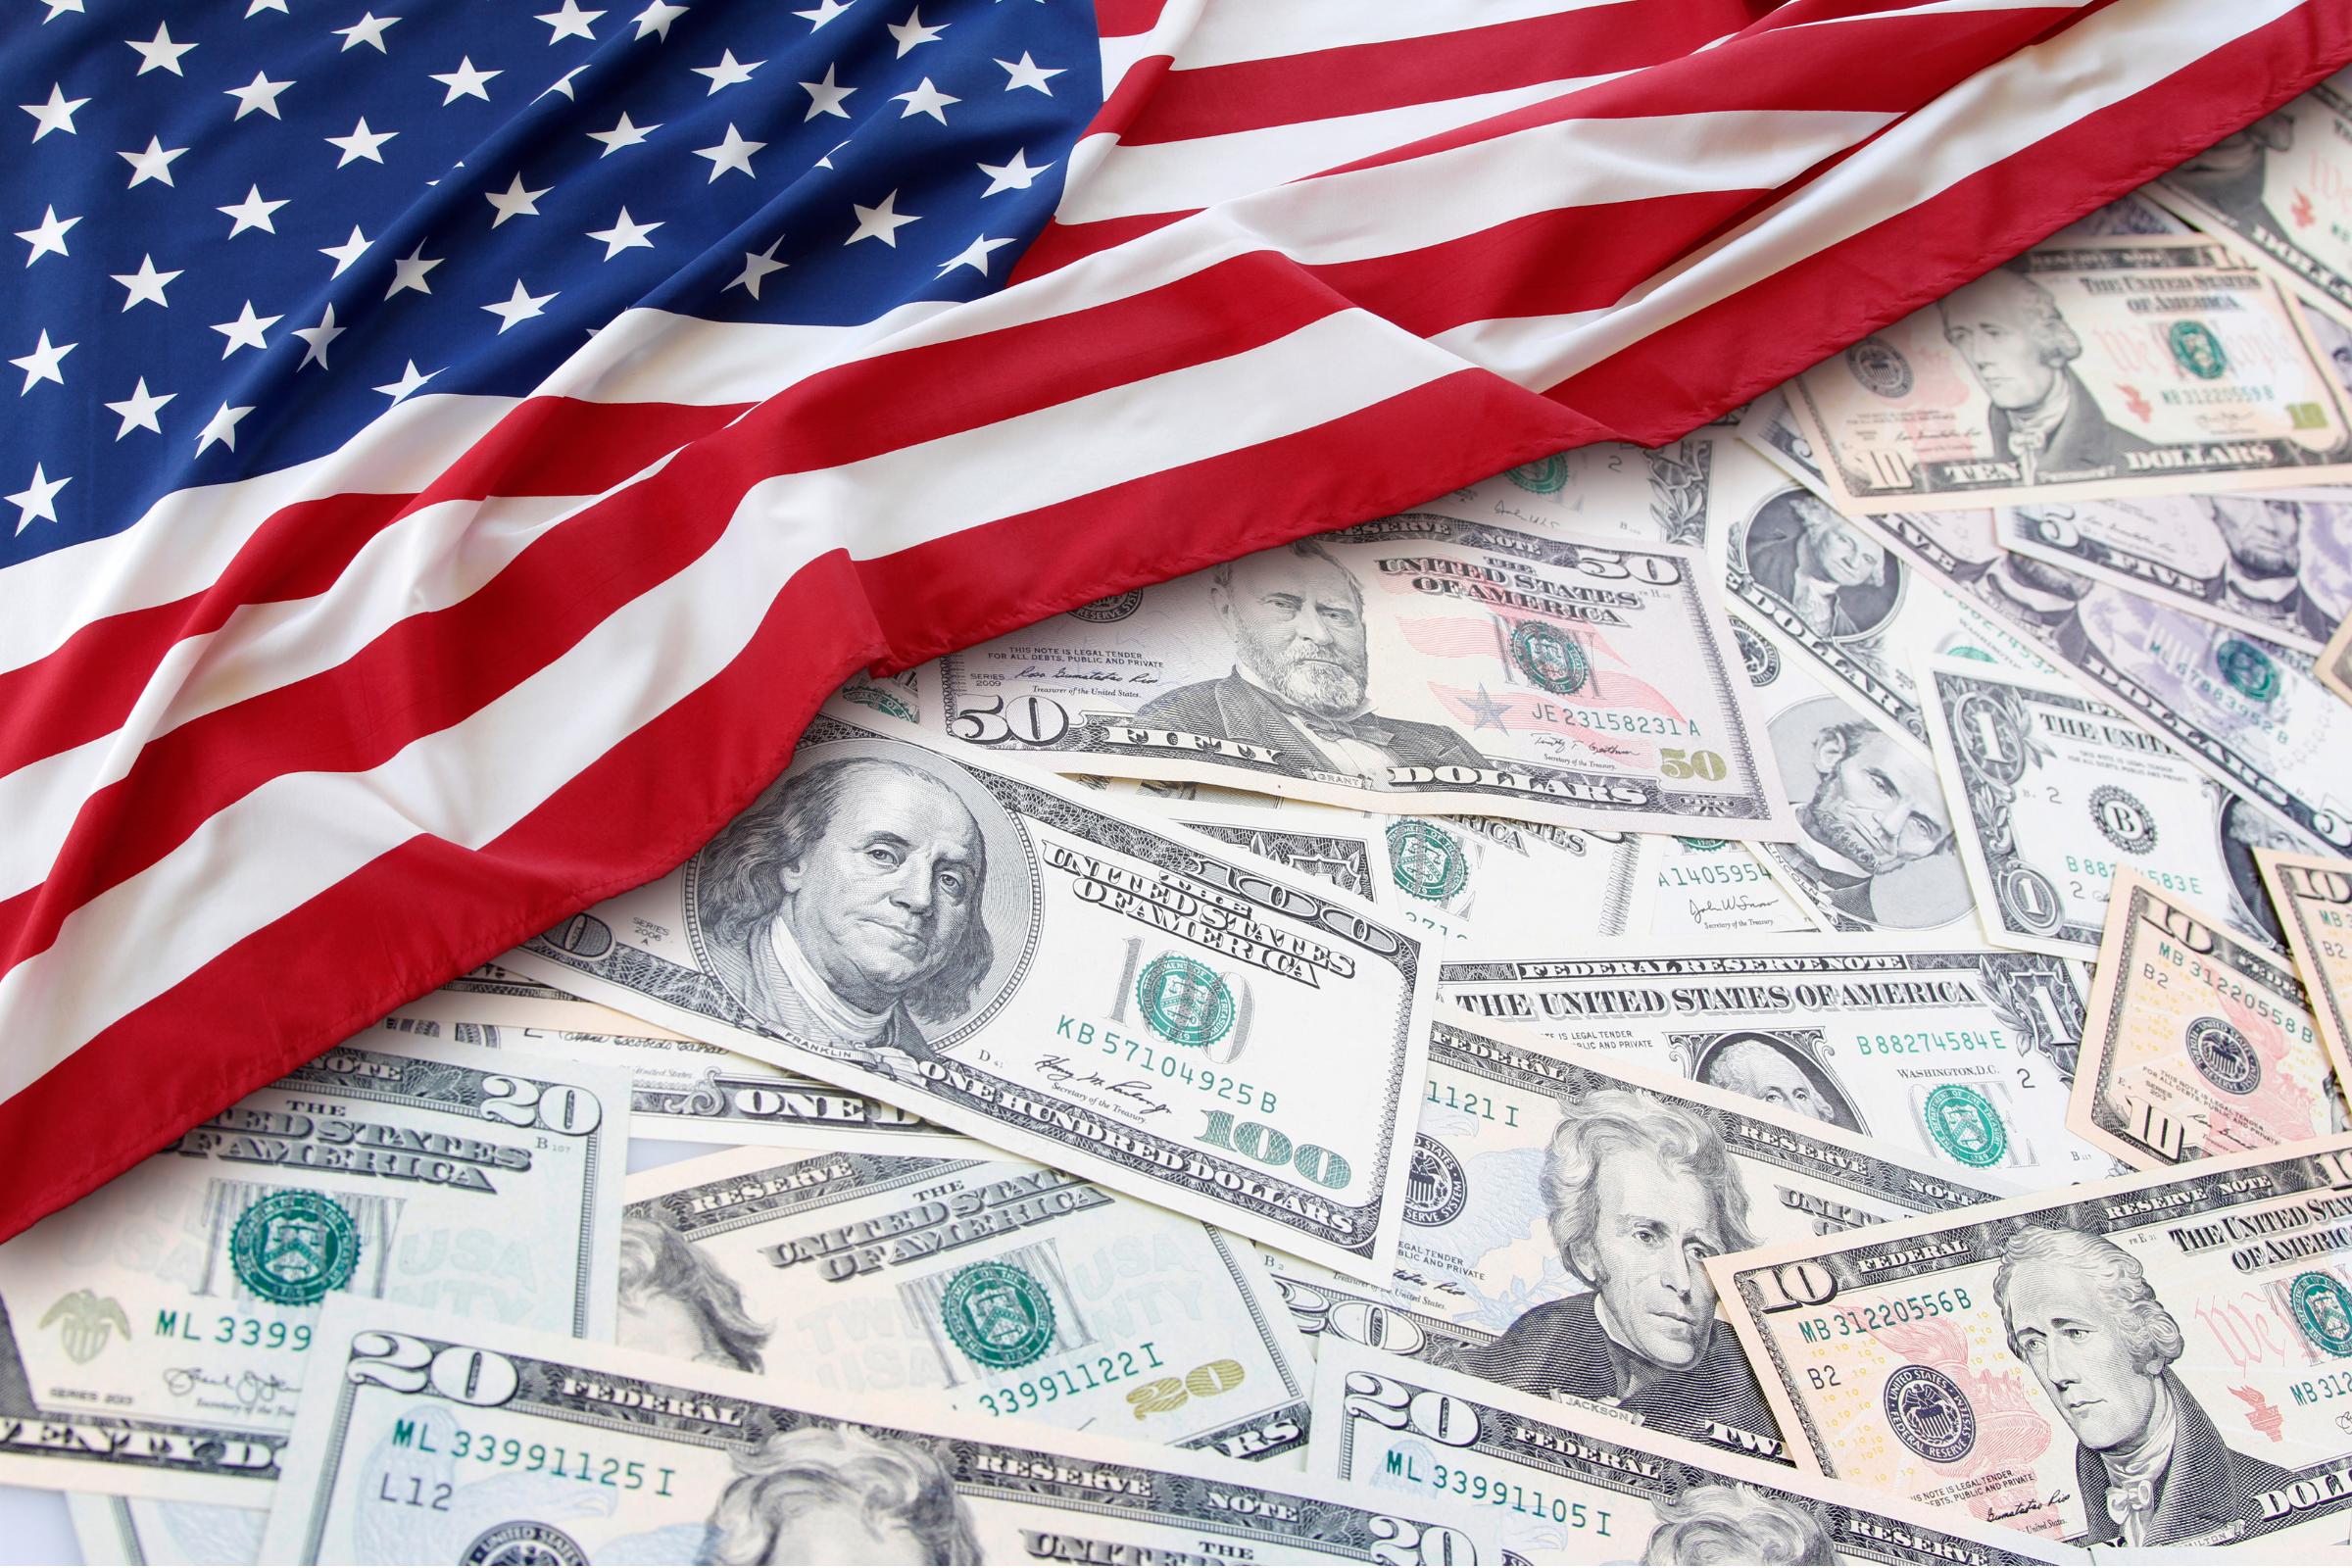 Visto de investidor: conheça o visto EB-5 para imigrar com Green Card